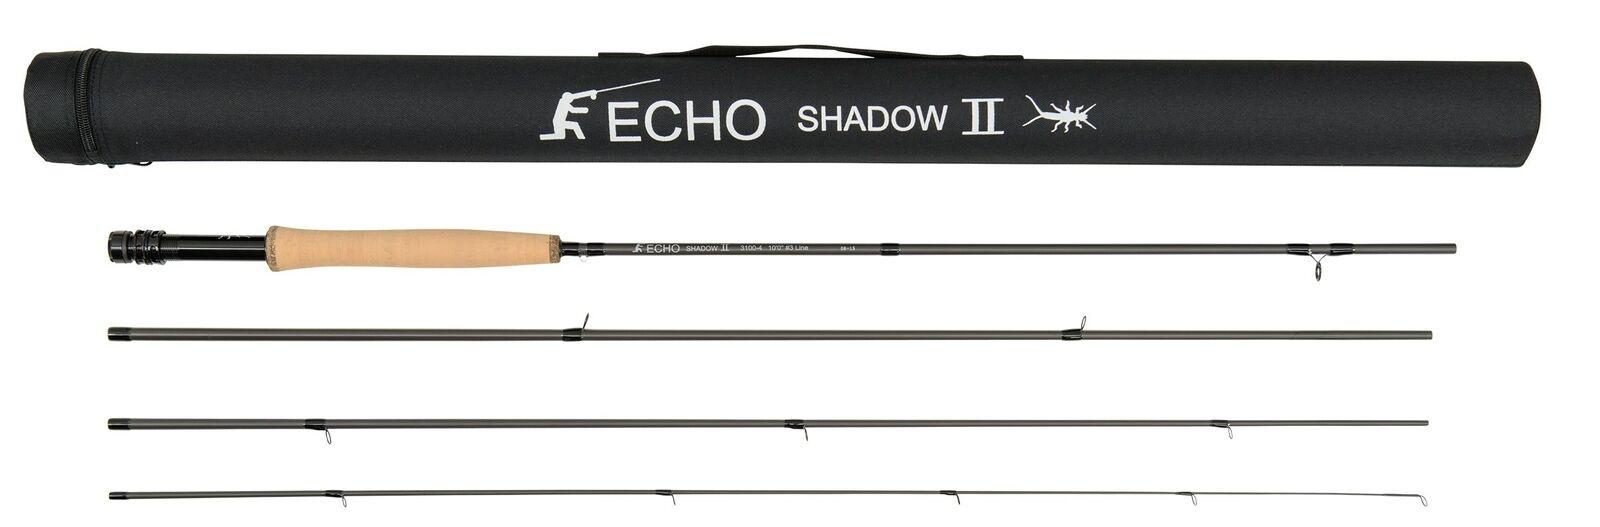 Echo Shadow II 2100 Fly Rod   2wt 10'0